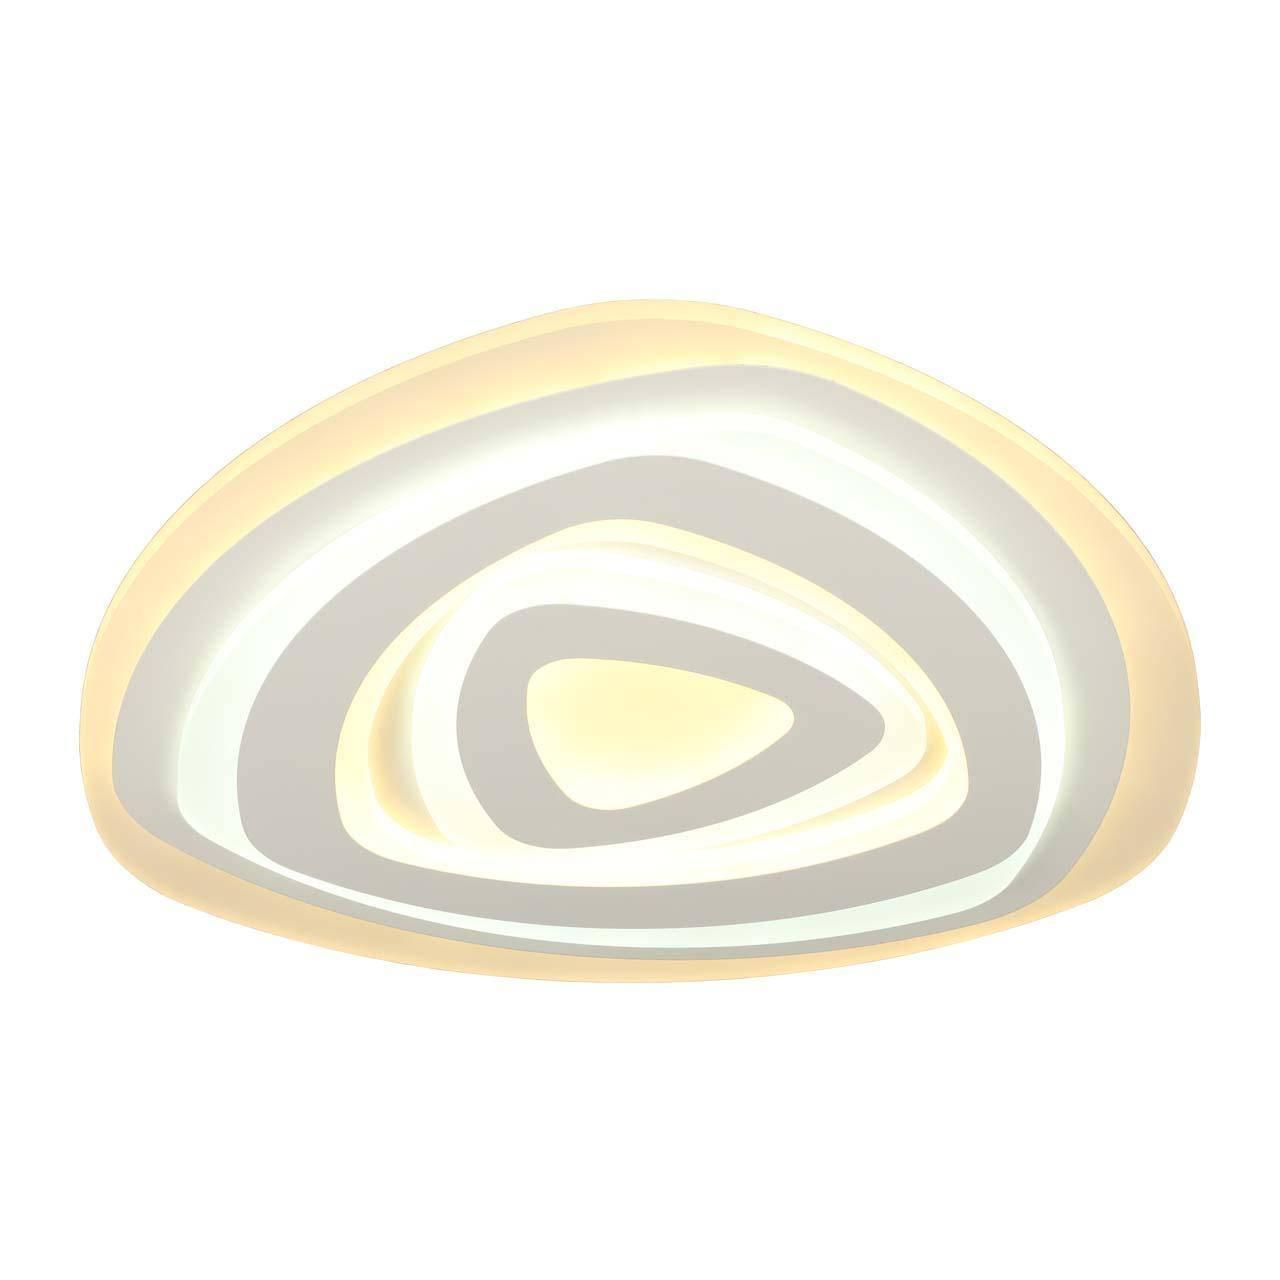 Потолочная светодиодная люстра Omnilux Clanezzo OML-07107-164